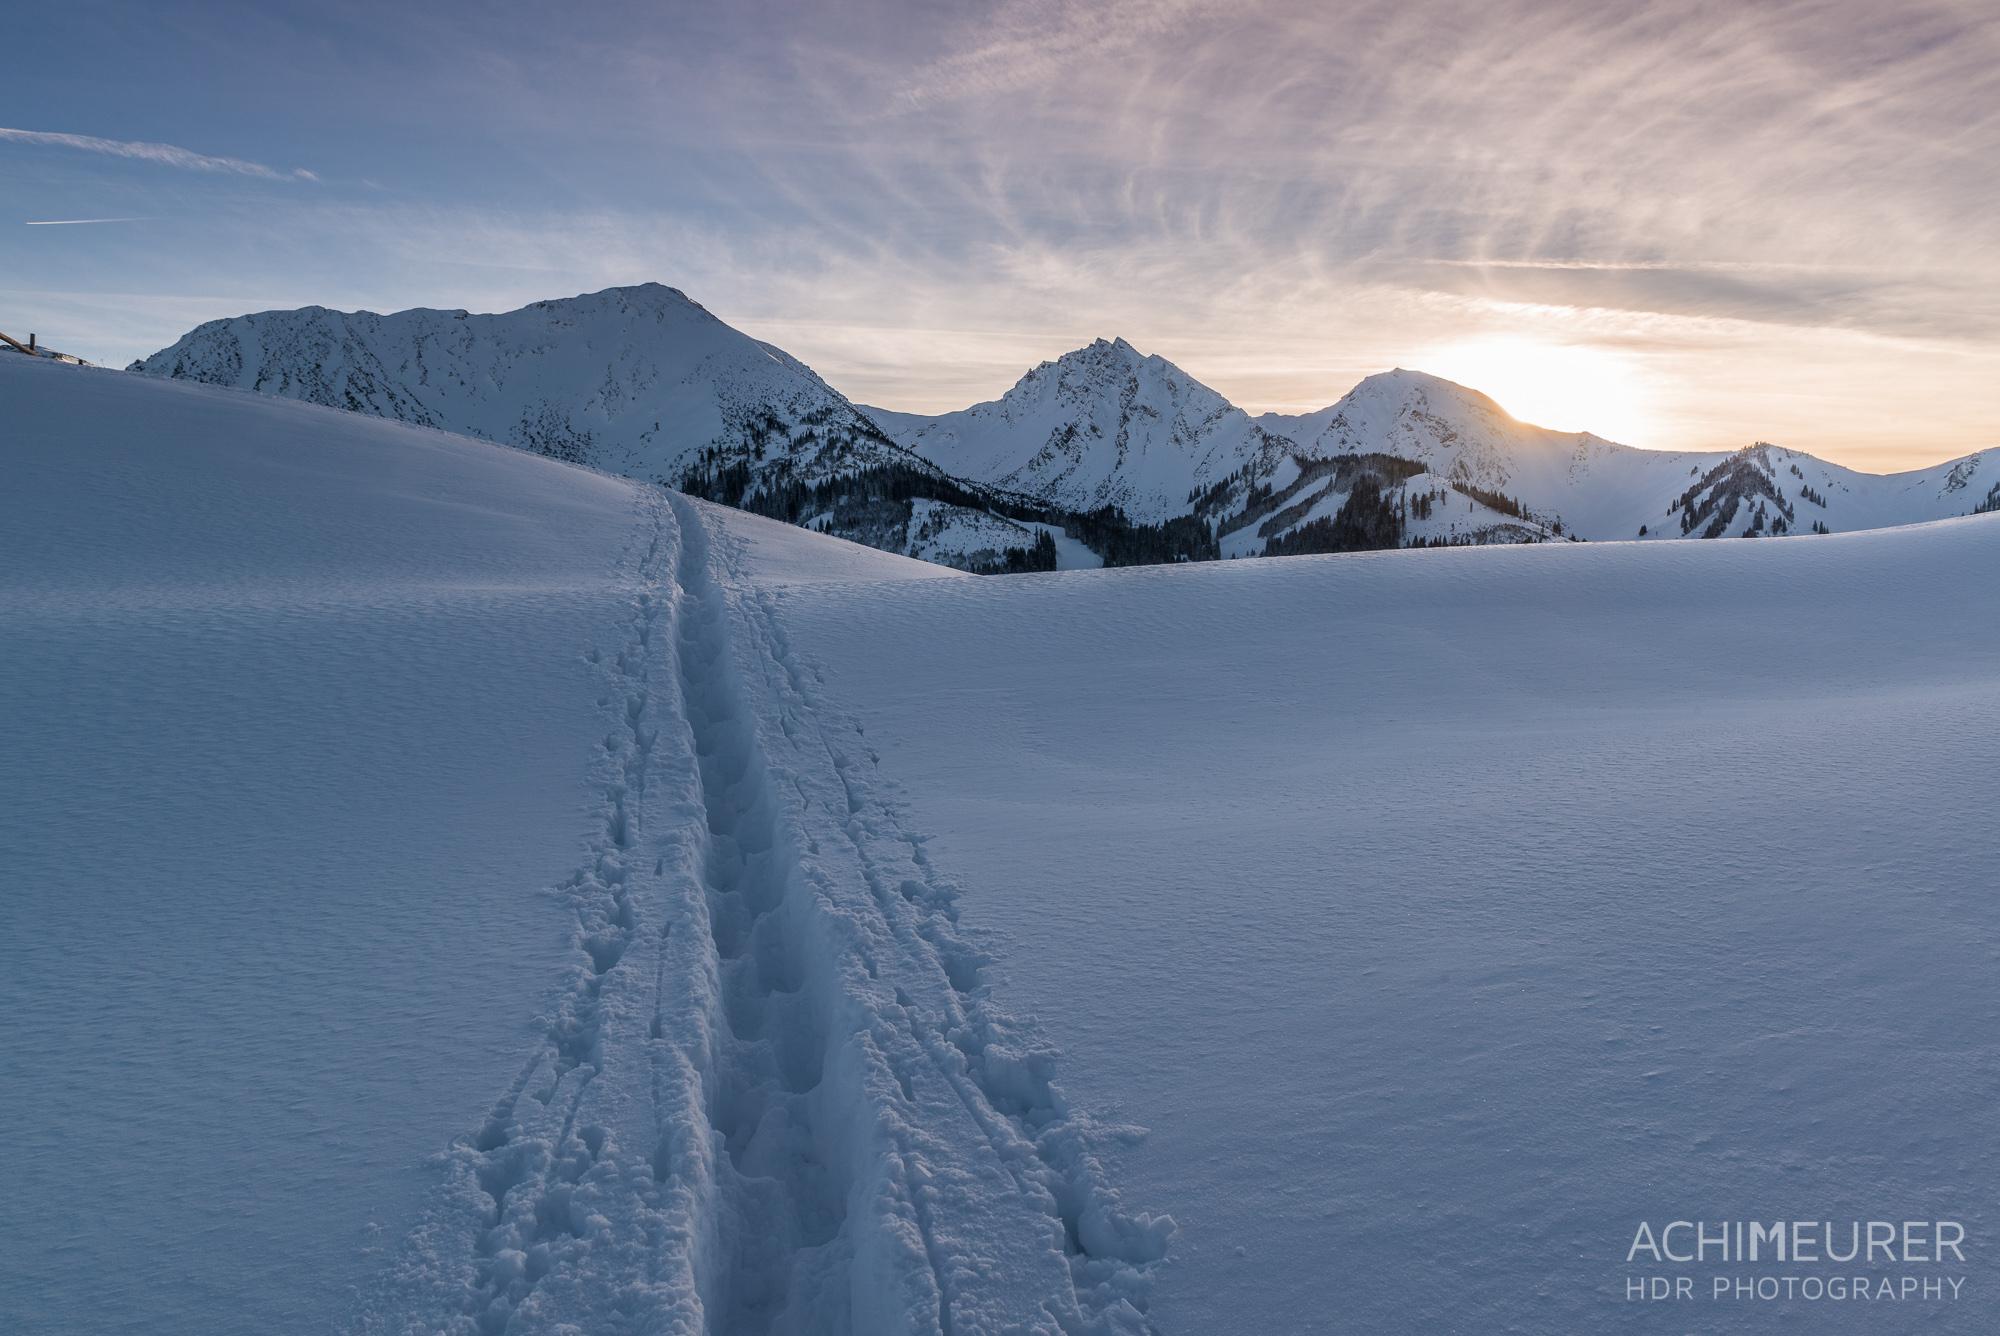 Die-schoensten-Winterfotos-Winterlandschaft-10 by Achim Meurer.